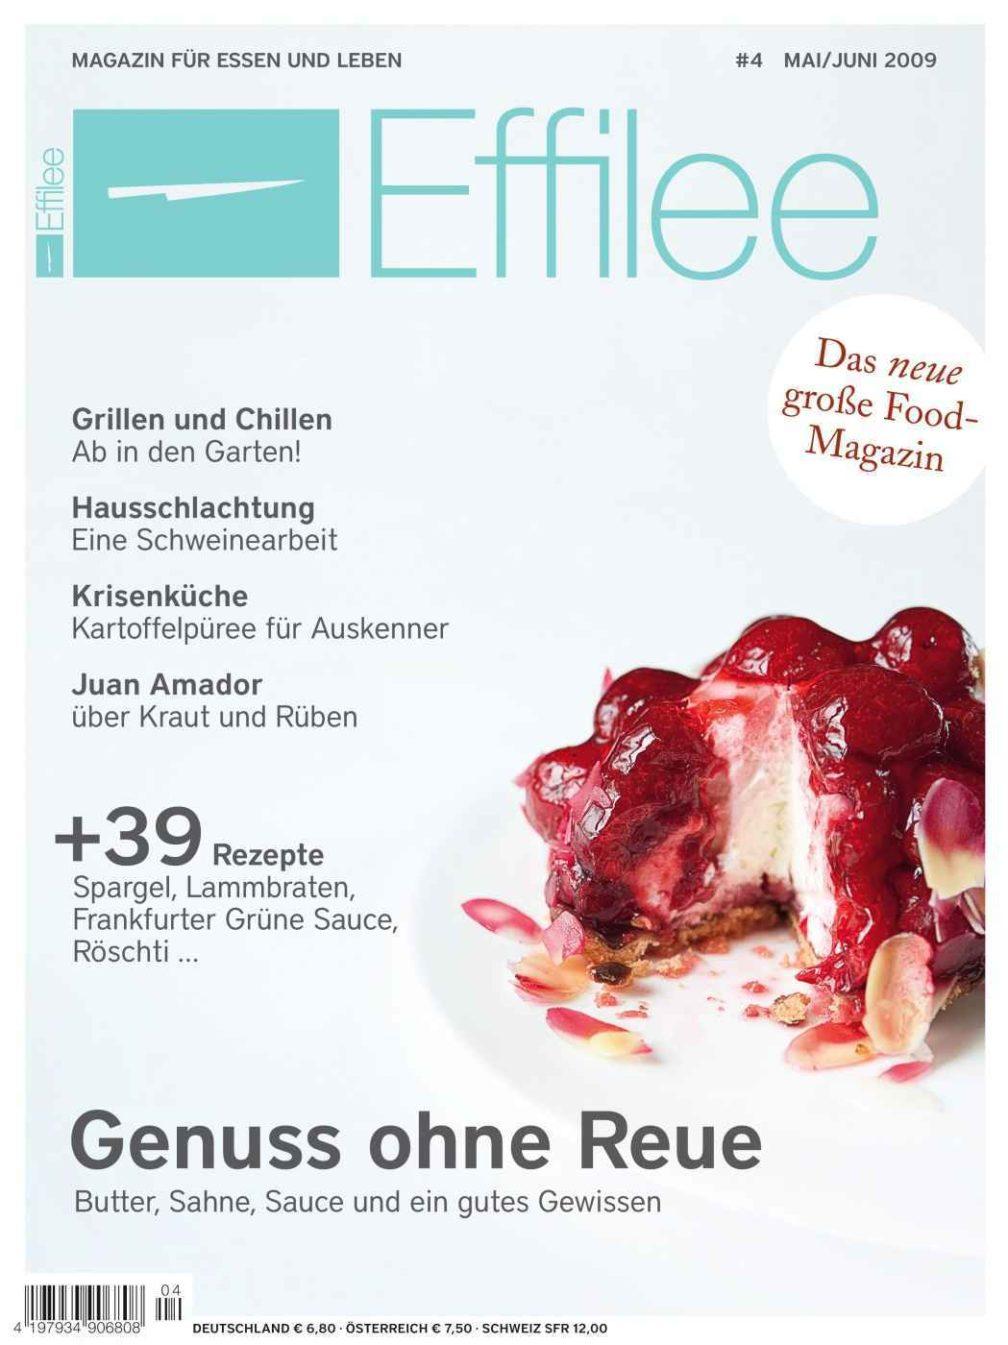 Effilee #4, Genuss ohne Reue